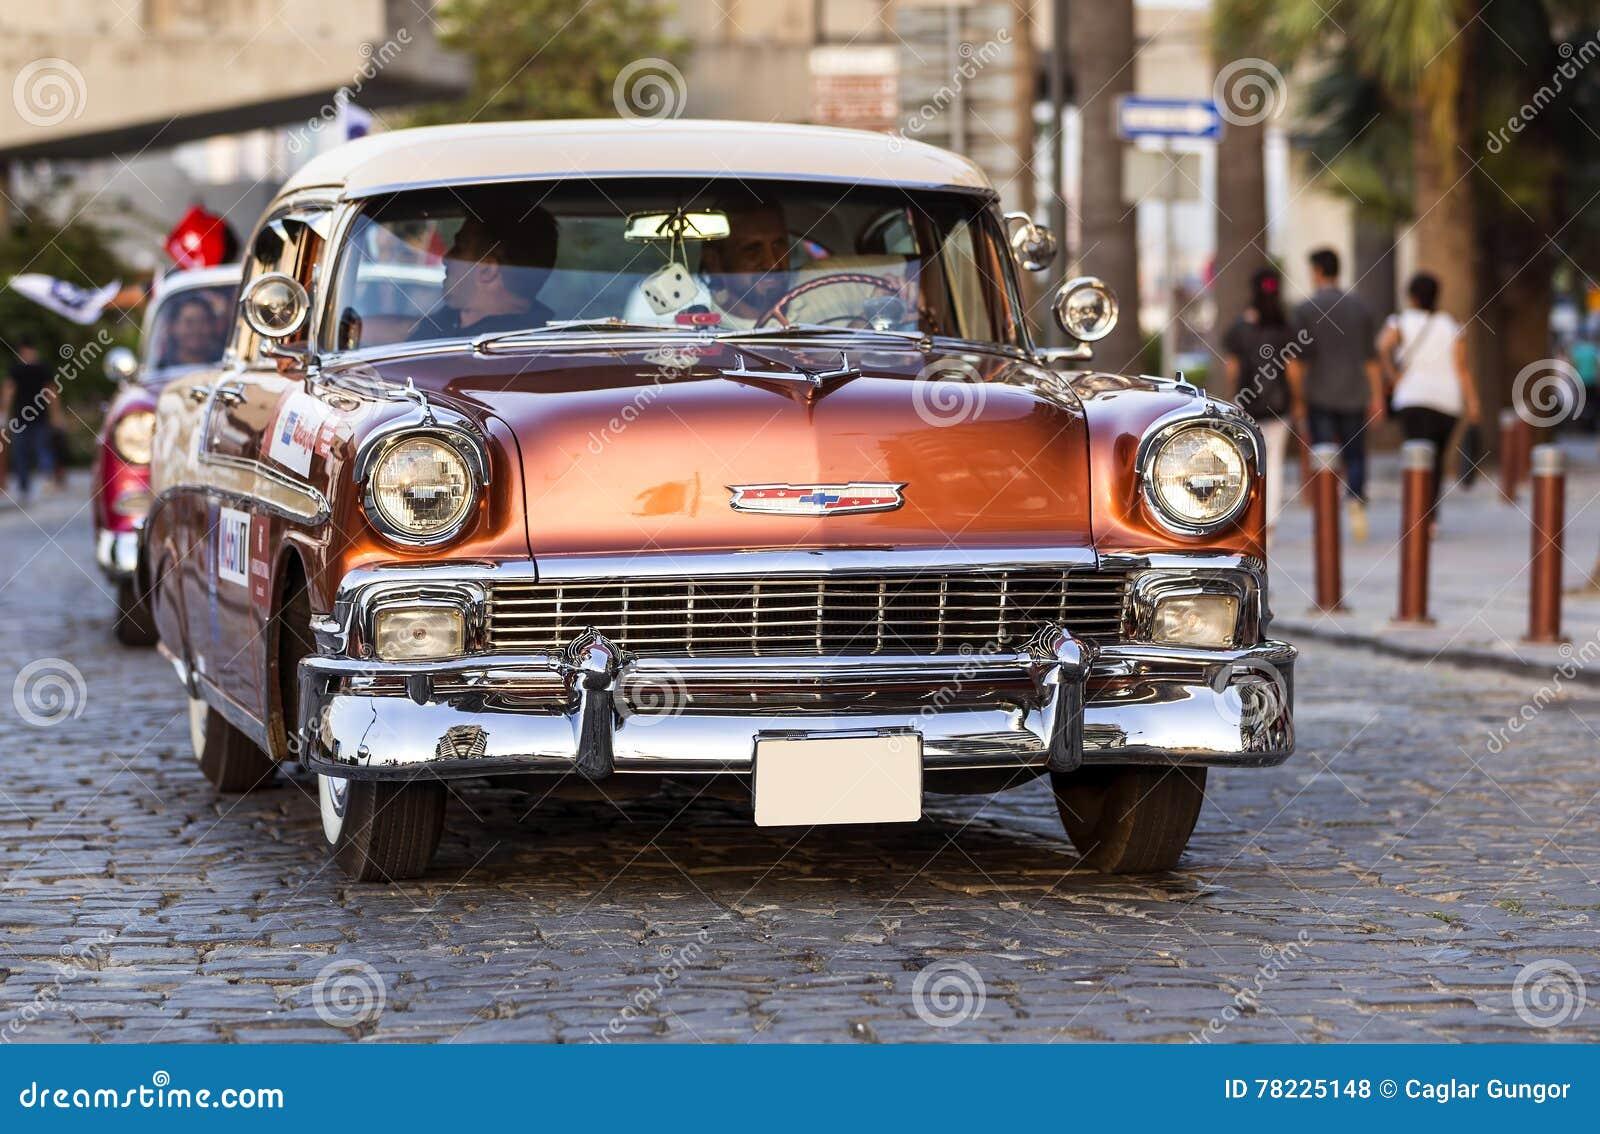 Chevrolet 1956 Bel Air Hardtop